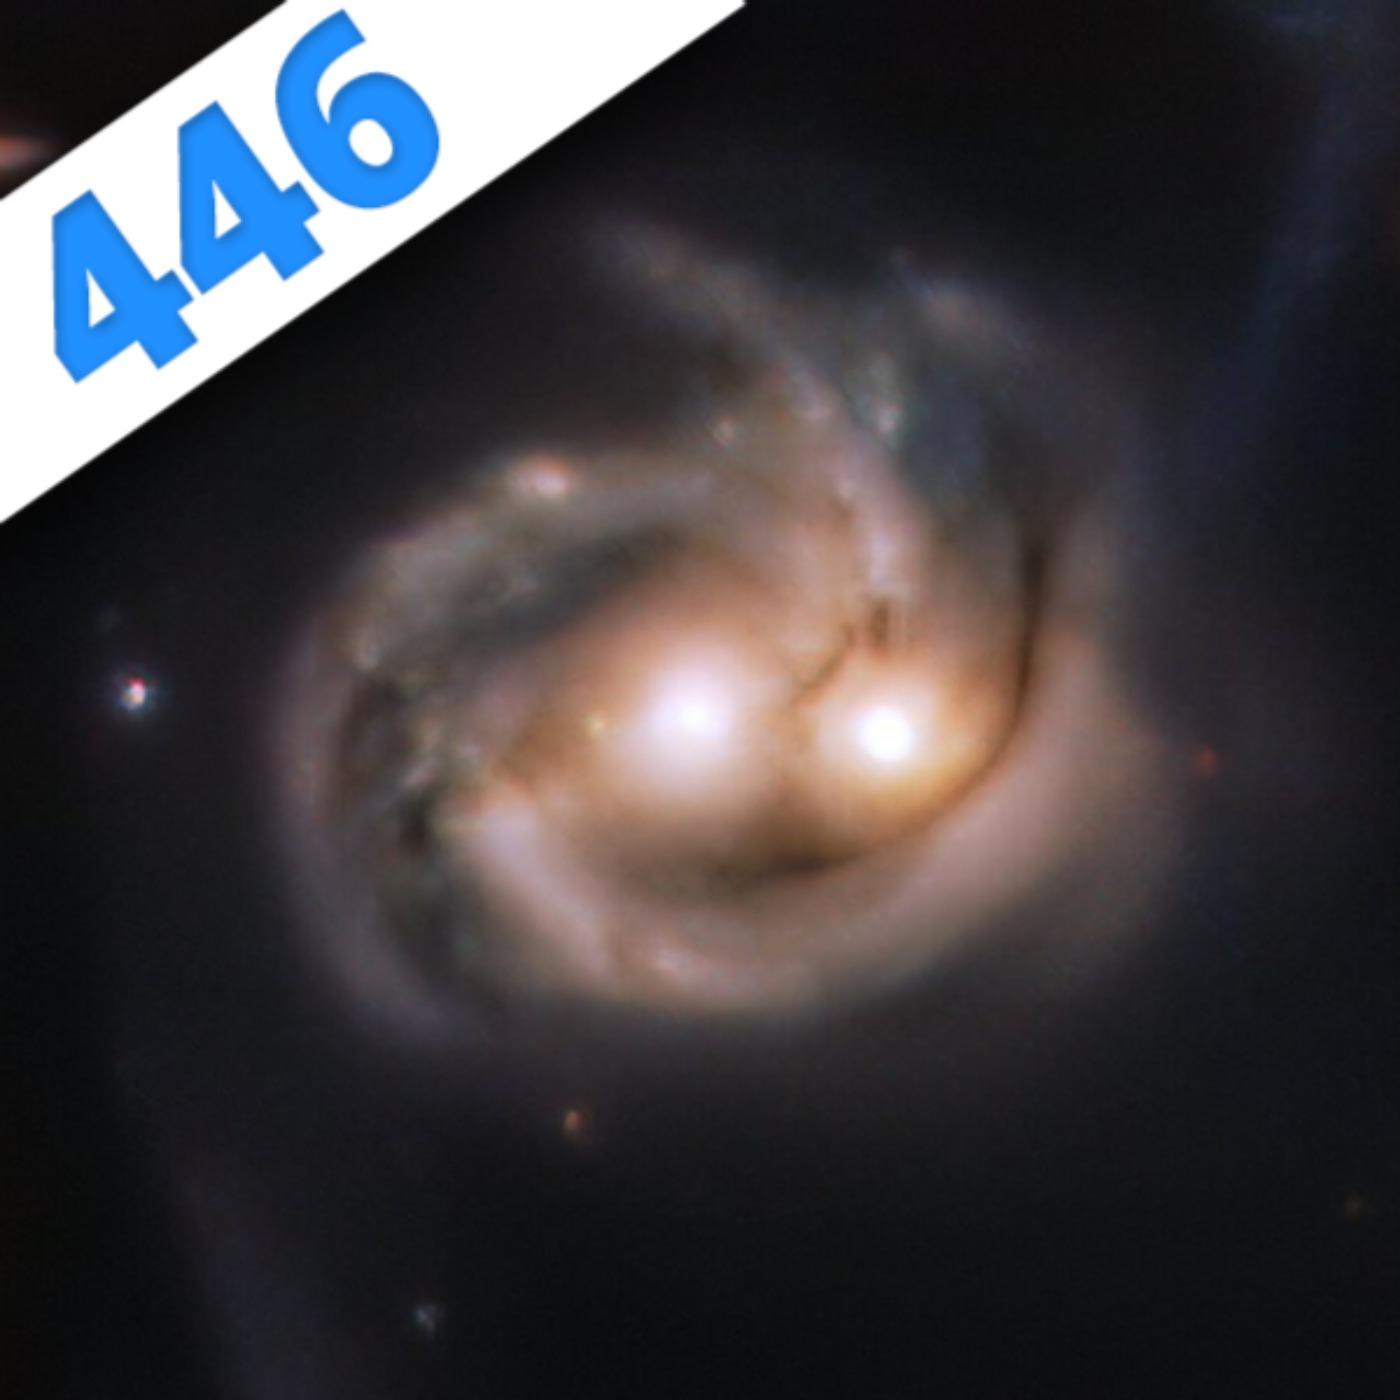 446 - Les plus belles images de l'univers